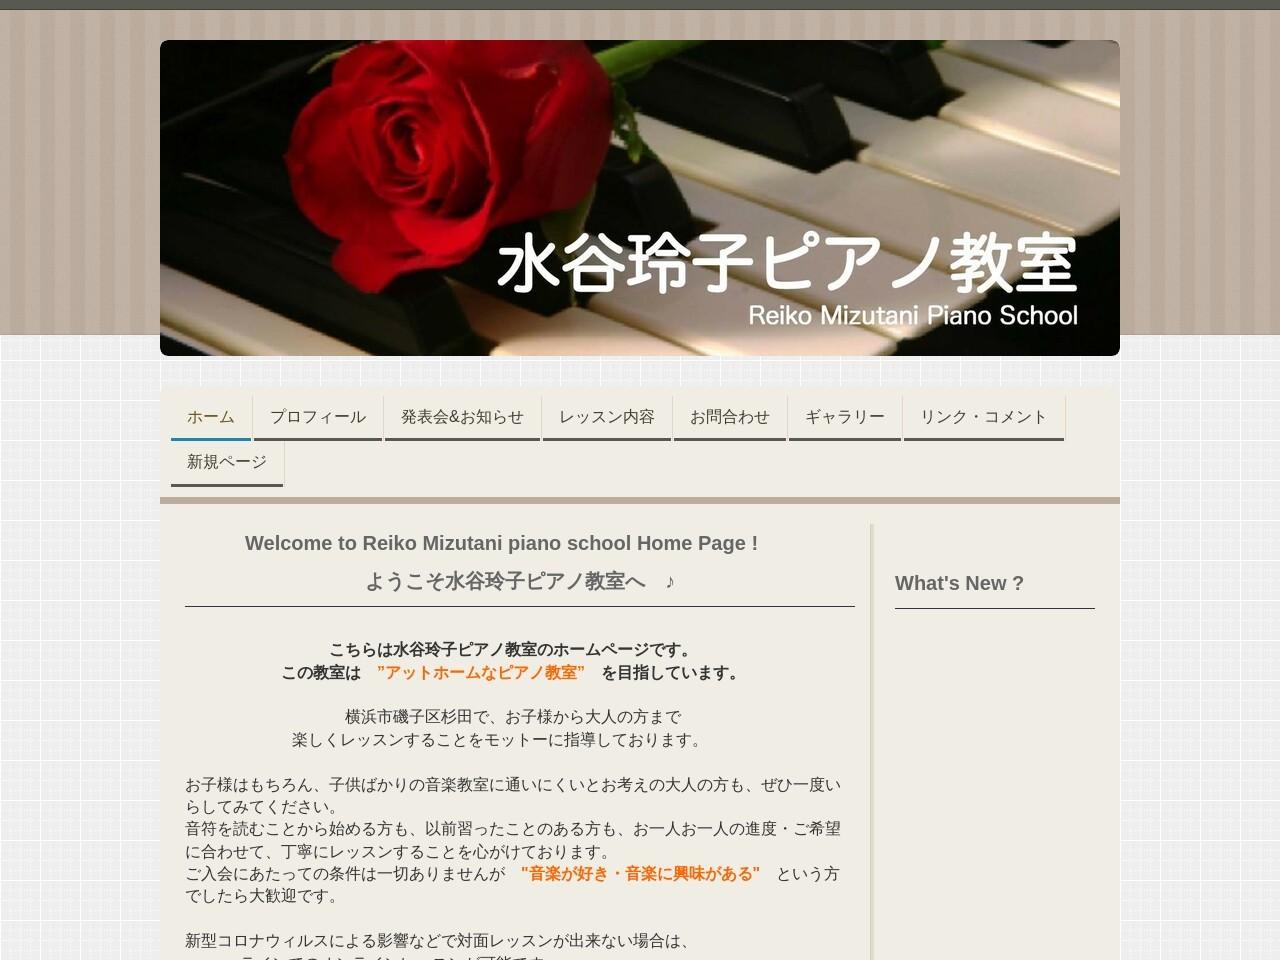 水谷玲子ピアノ教室のサムネイル